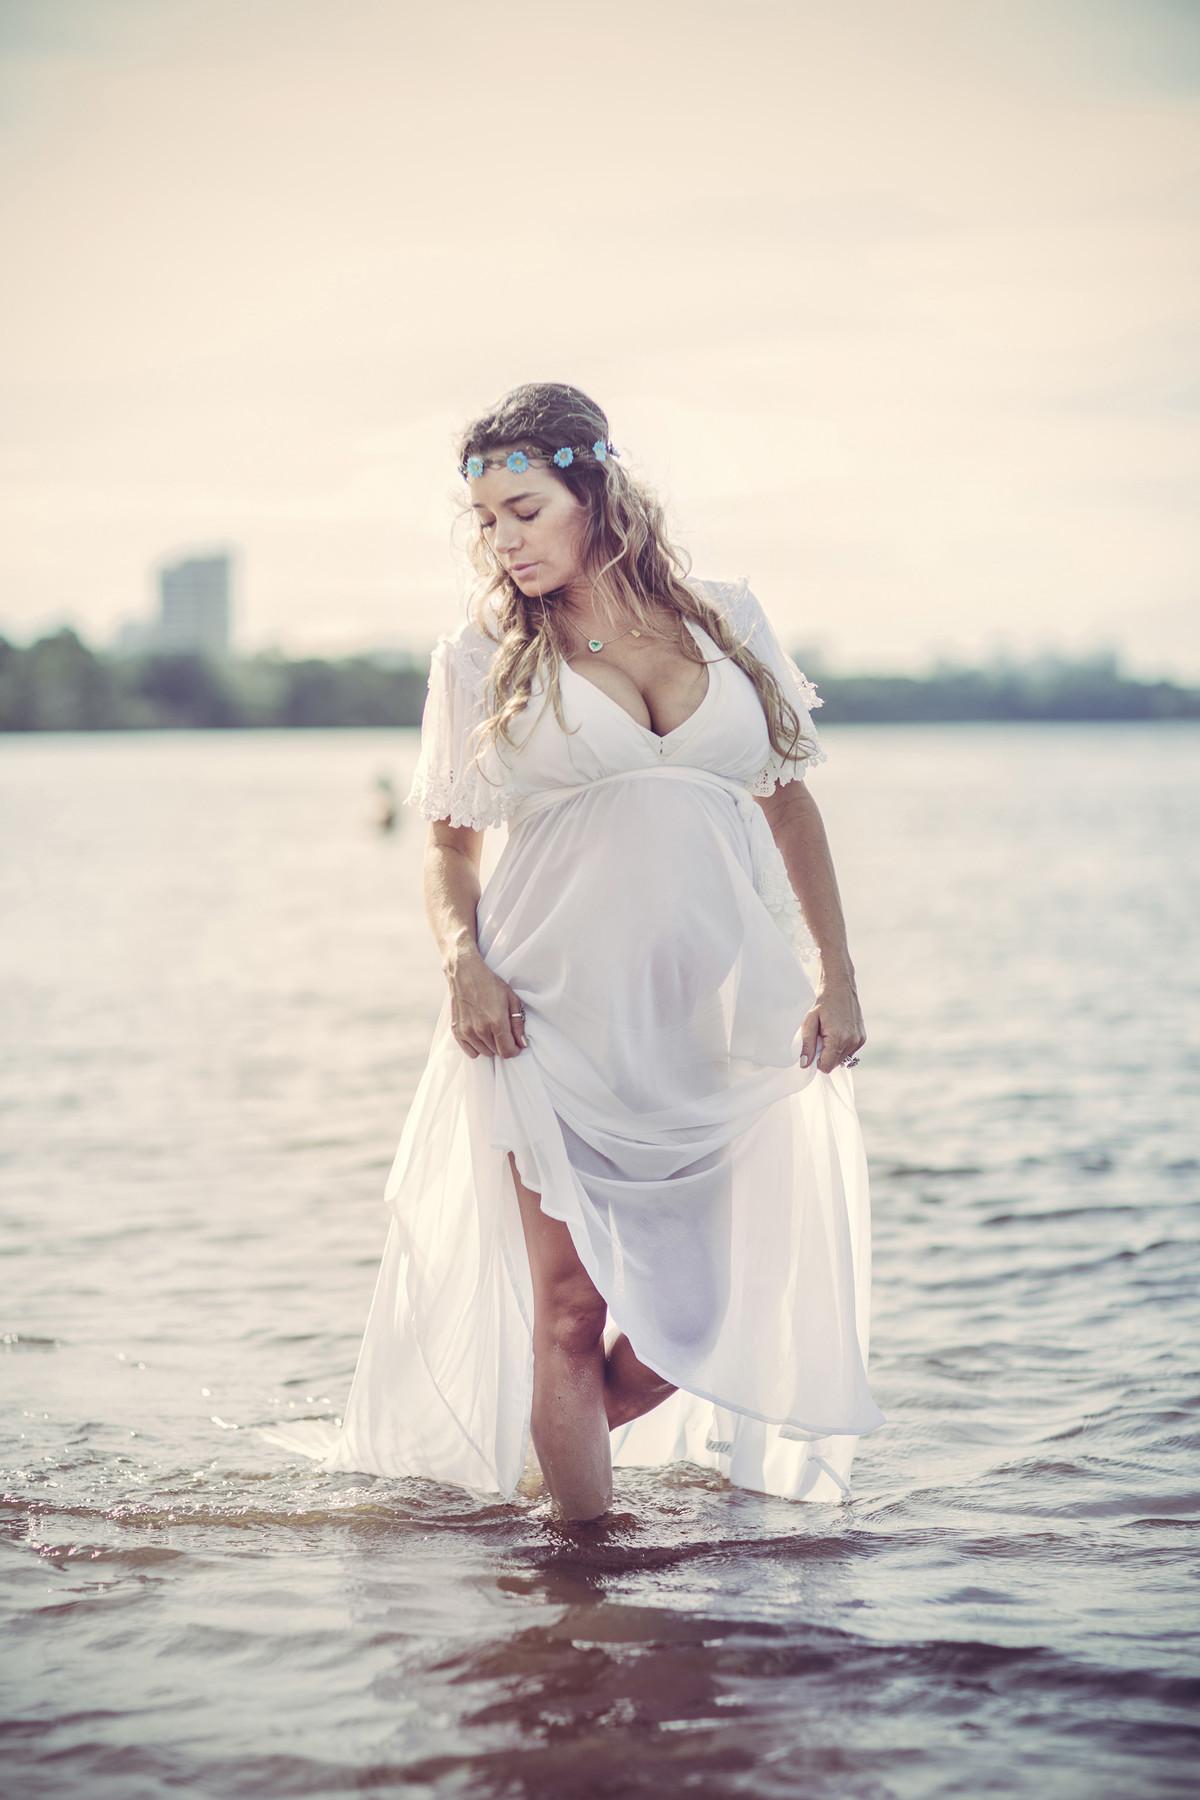 Grávida passeando na agua da praia do rio negro com seu vestido branco e guirlanda de flores na cabeça. Fotografado pelo fotógrafo de gestantes Rafael Ohana em Manaus-AM